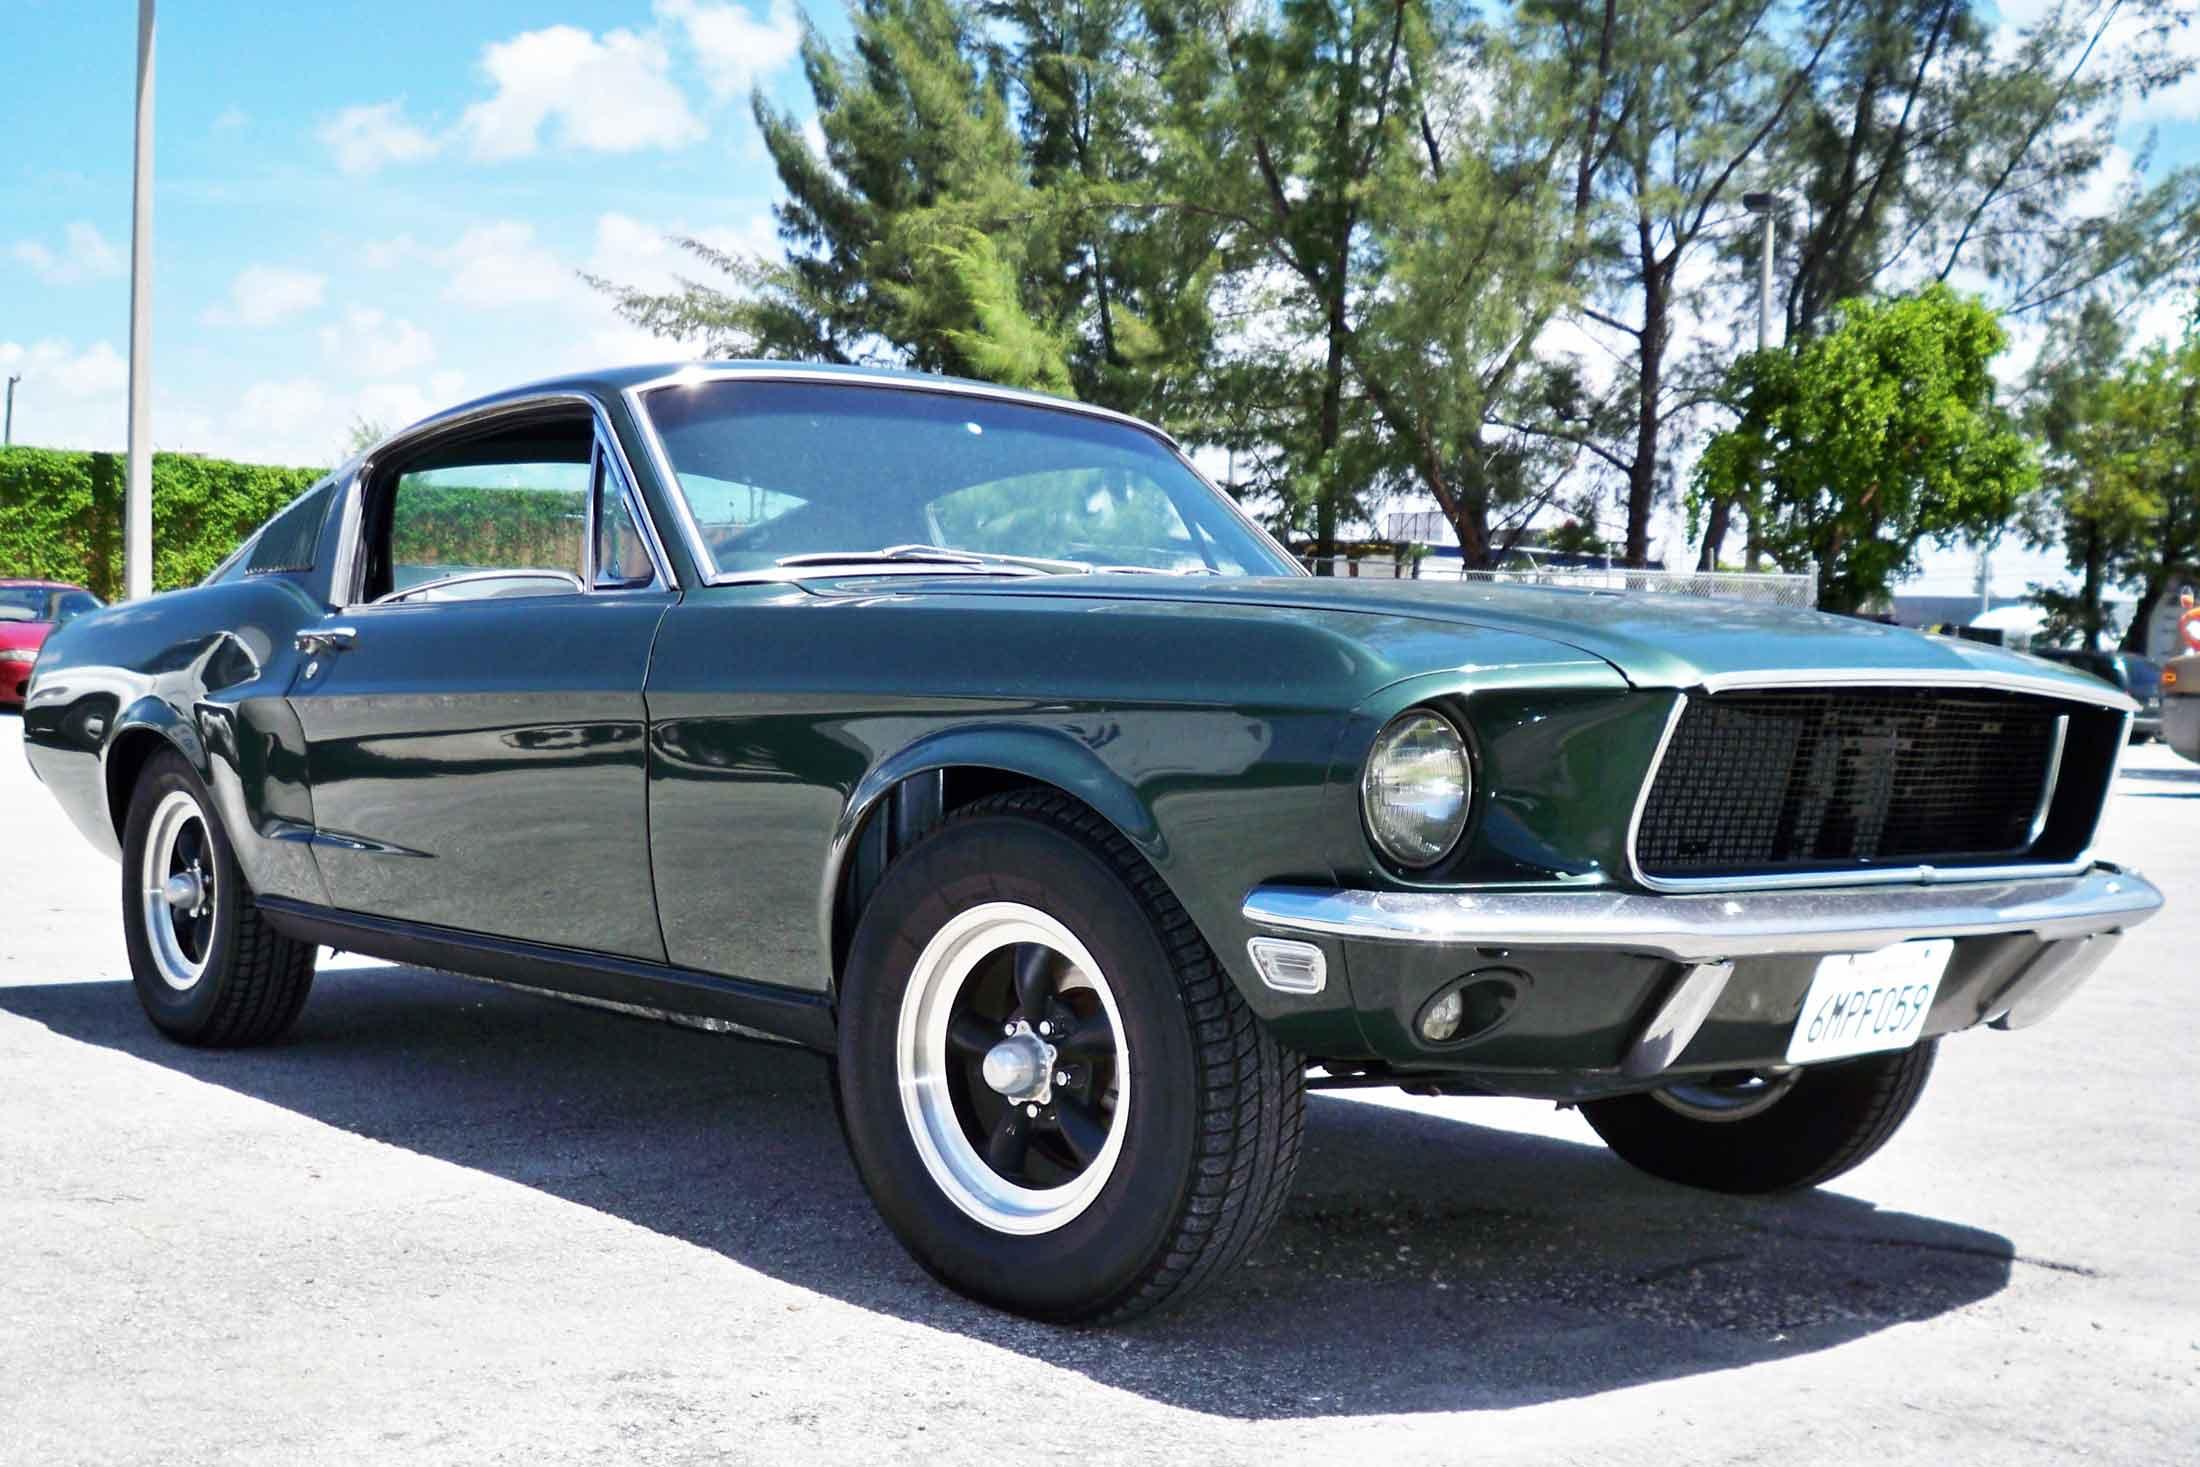 Mustang Fastback Bullitt